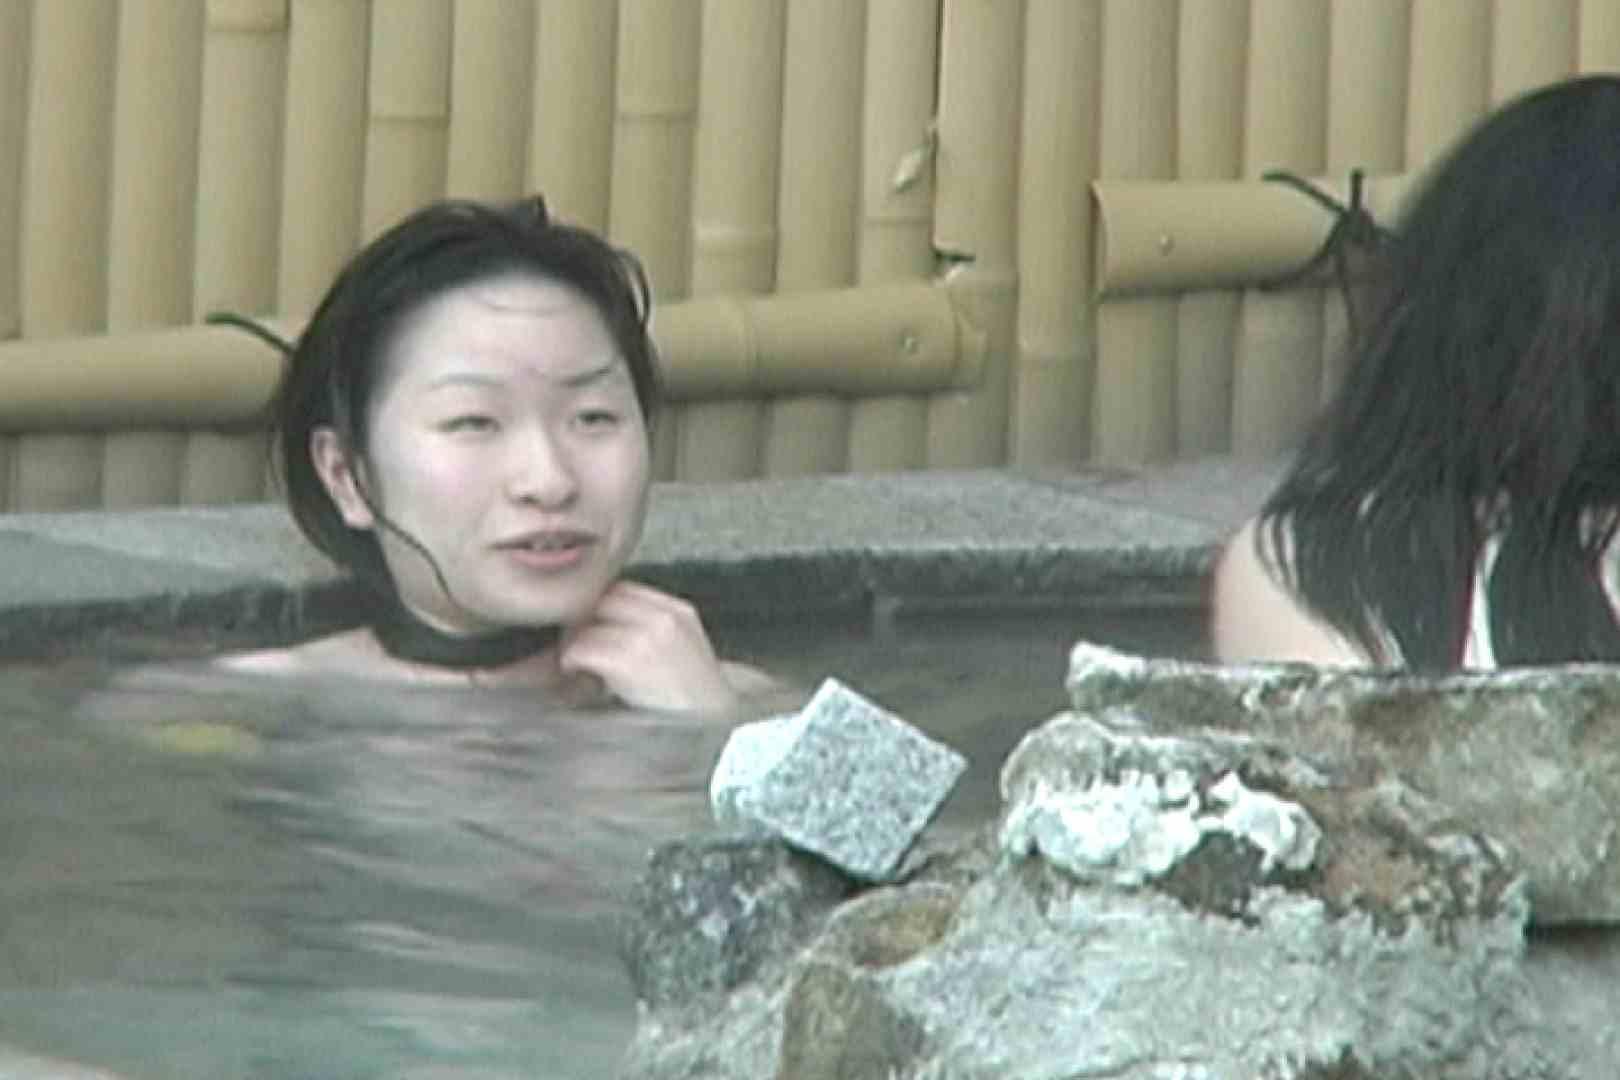 Aquaな露天風呂Vol.595 盗撮 | 露天  89画像 76